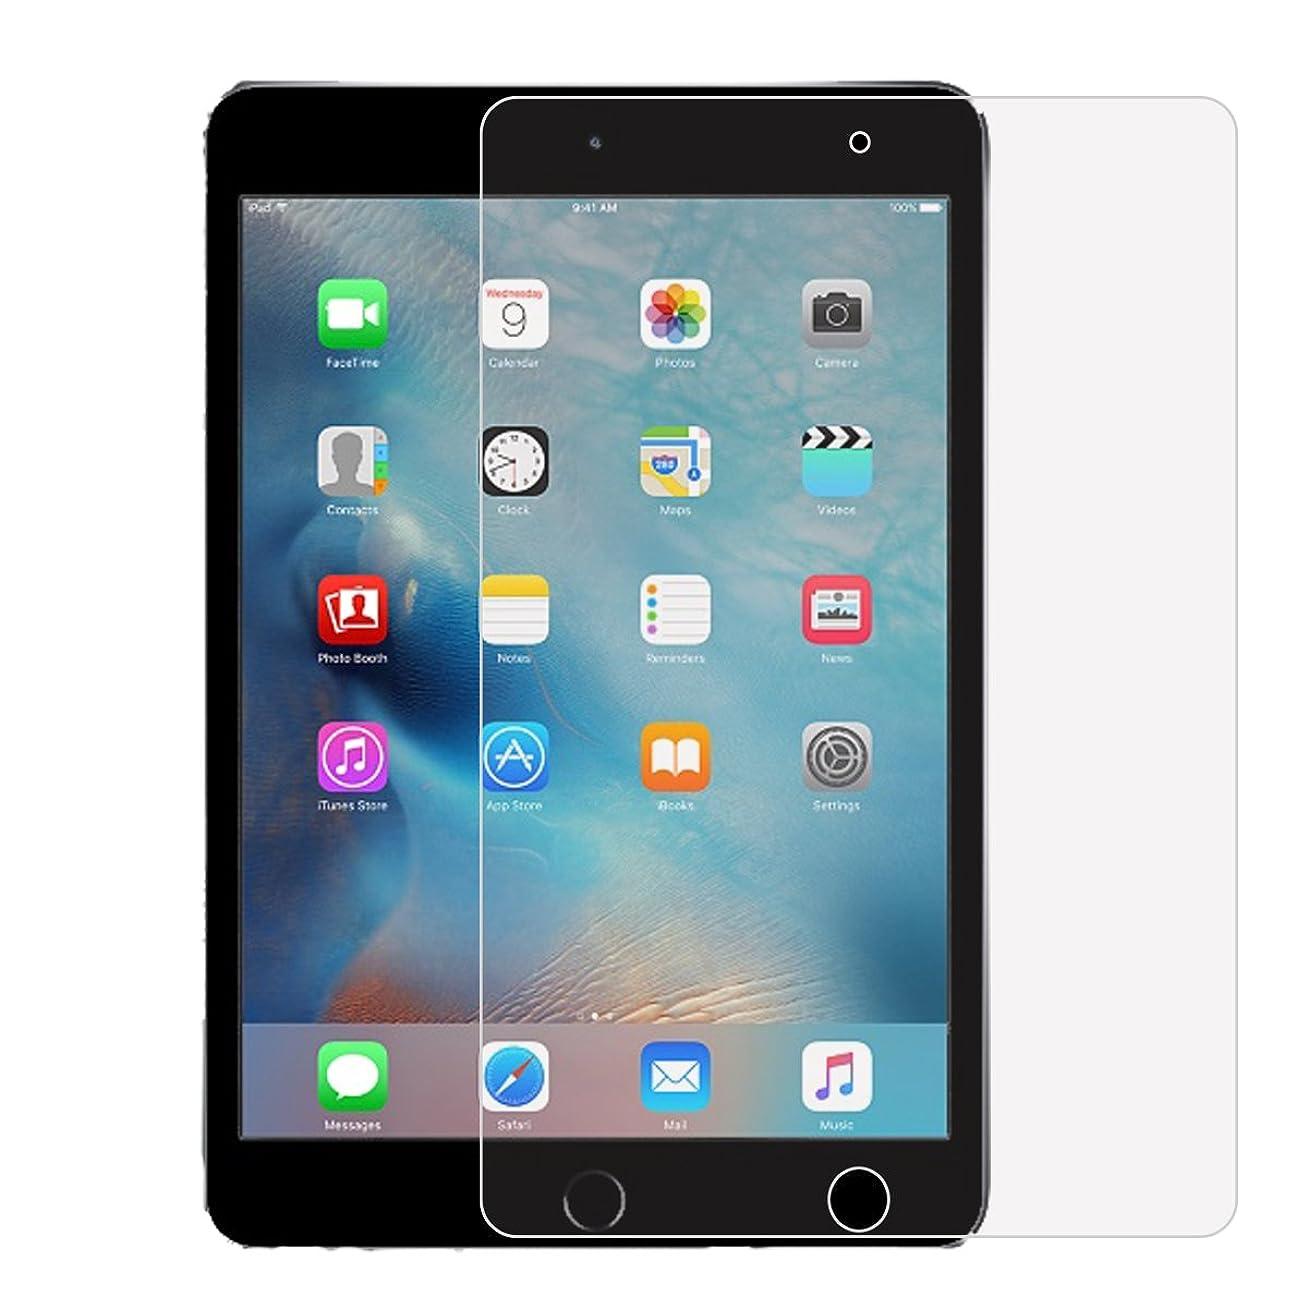 選出するに沿って脱臼する【アンチグレア 保護フィルム】Apple iPad 3 iPad3 タブレット 専用 ザラザラ マットタイプ 液晶保護フィルム ノングレア 非光沢 指紋防止 反射しにくい 衝撃吸収 マットタイプ 貼り付け簡単